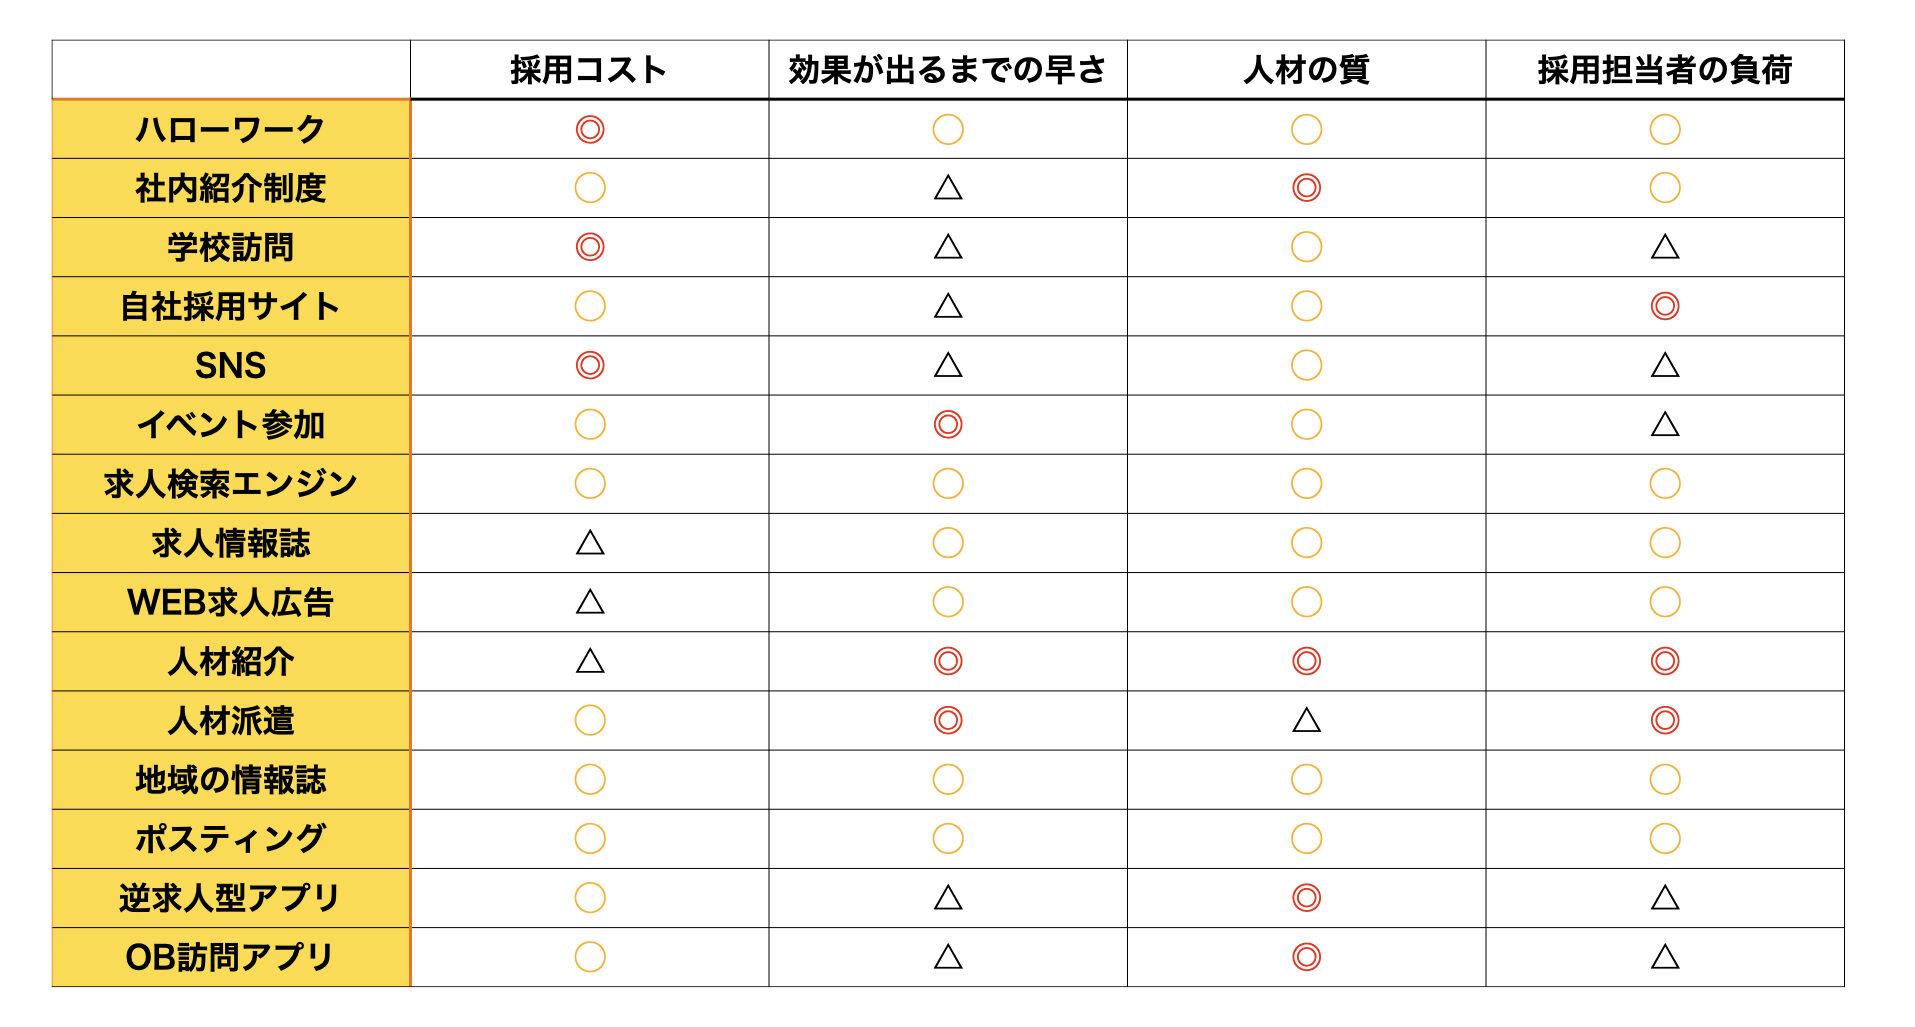 人材募集の手法 比較表